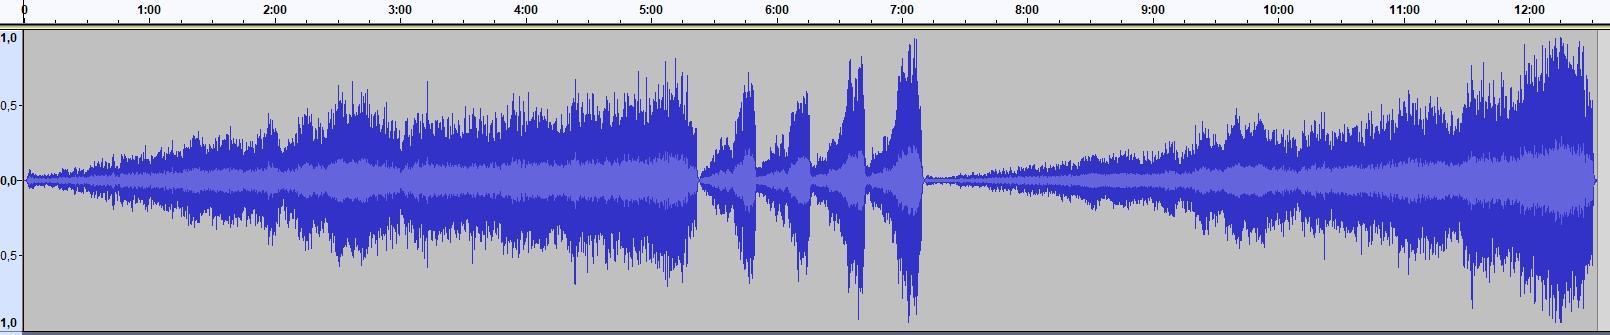 Profil sonore du Canon et Gigue dans l'interprétation de Wilhelm SCHÜCHTER